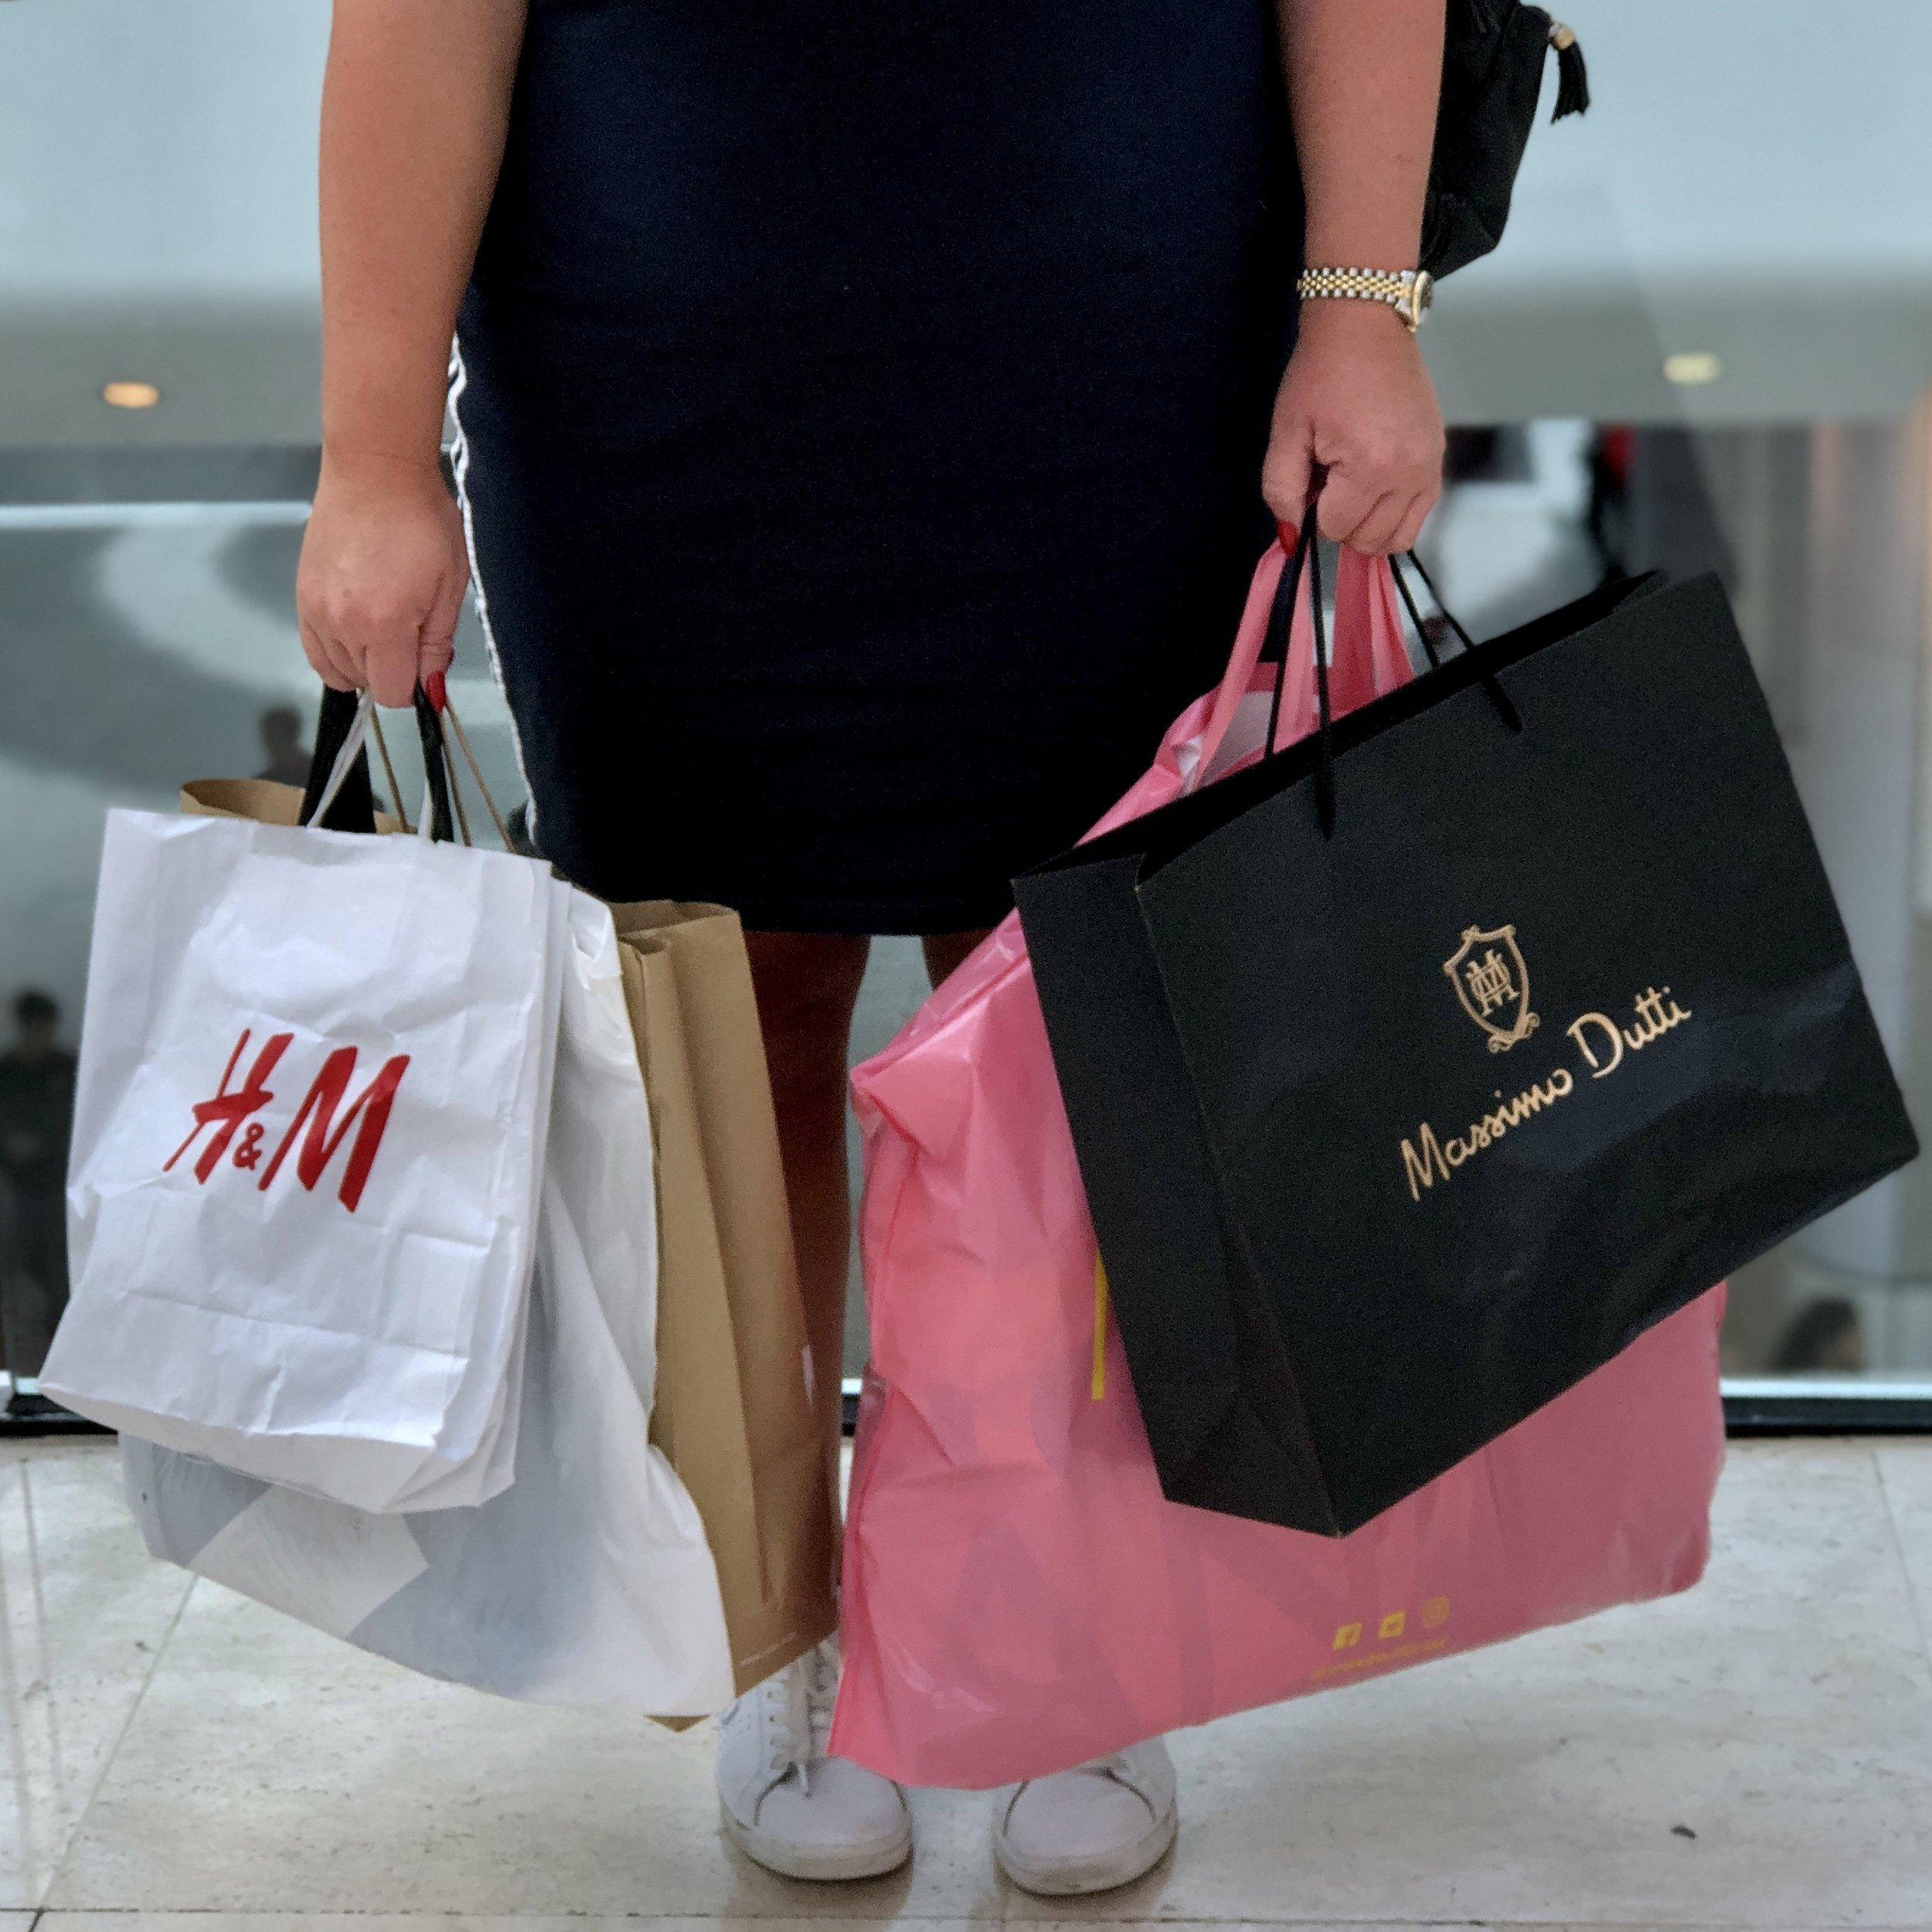 Personal Shopping.jpeg